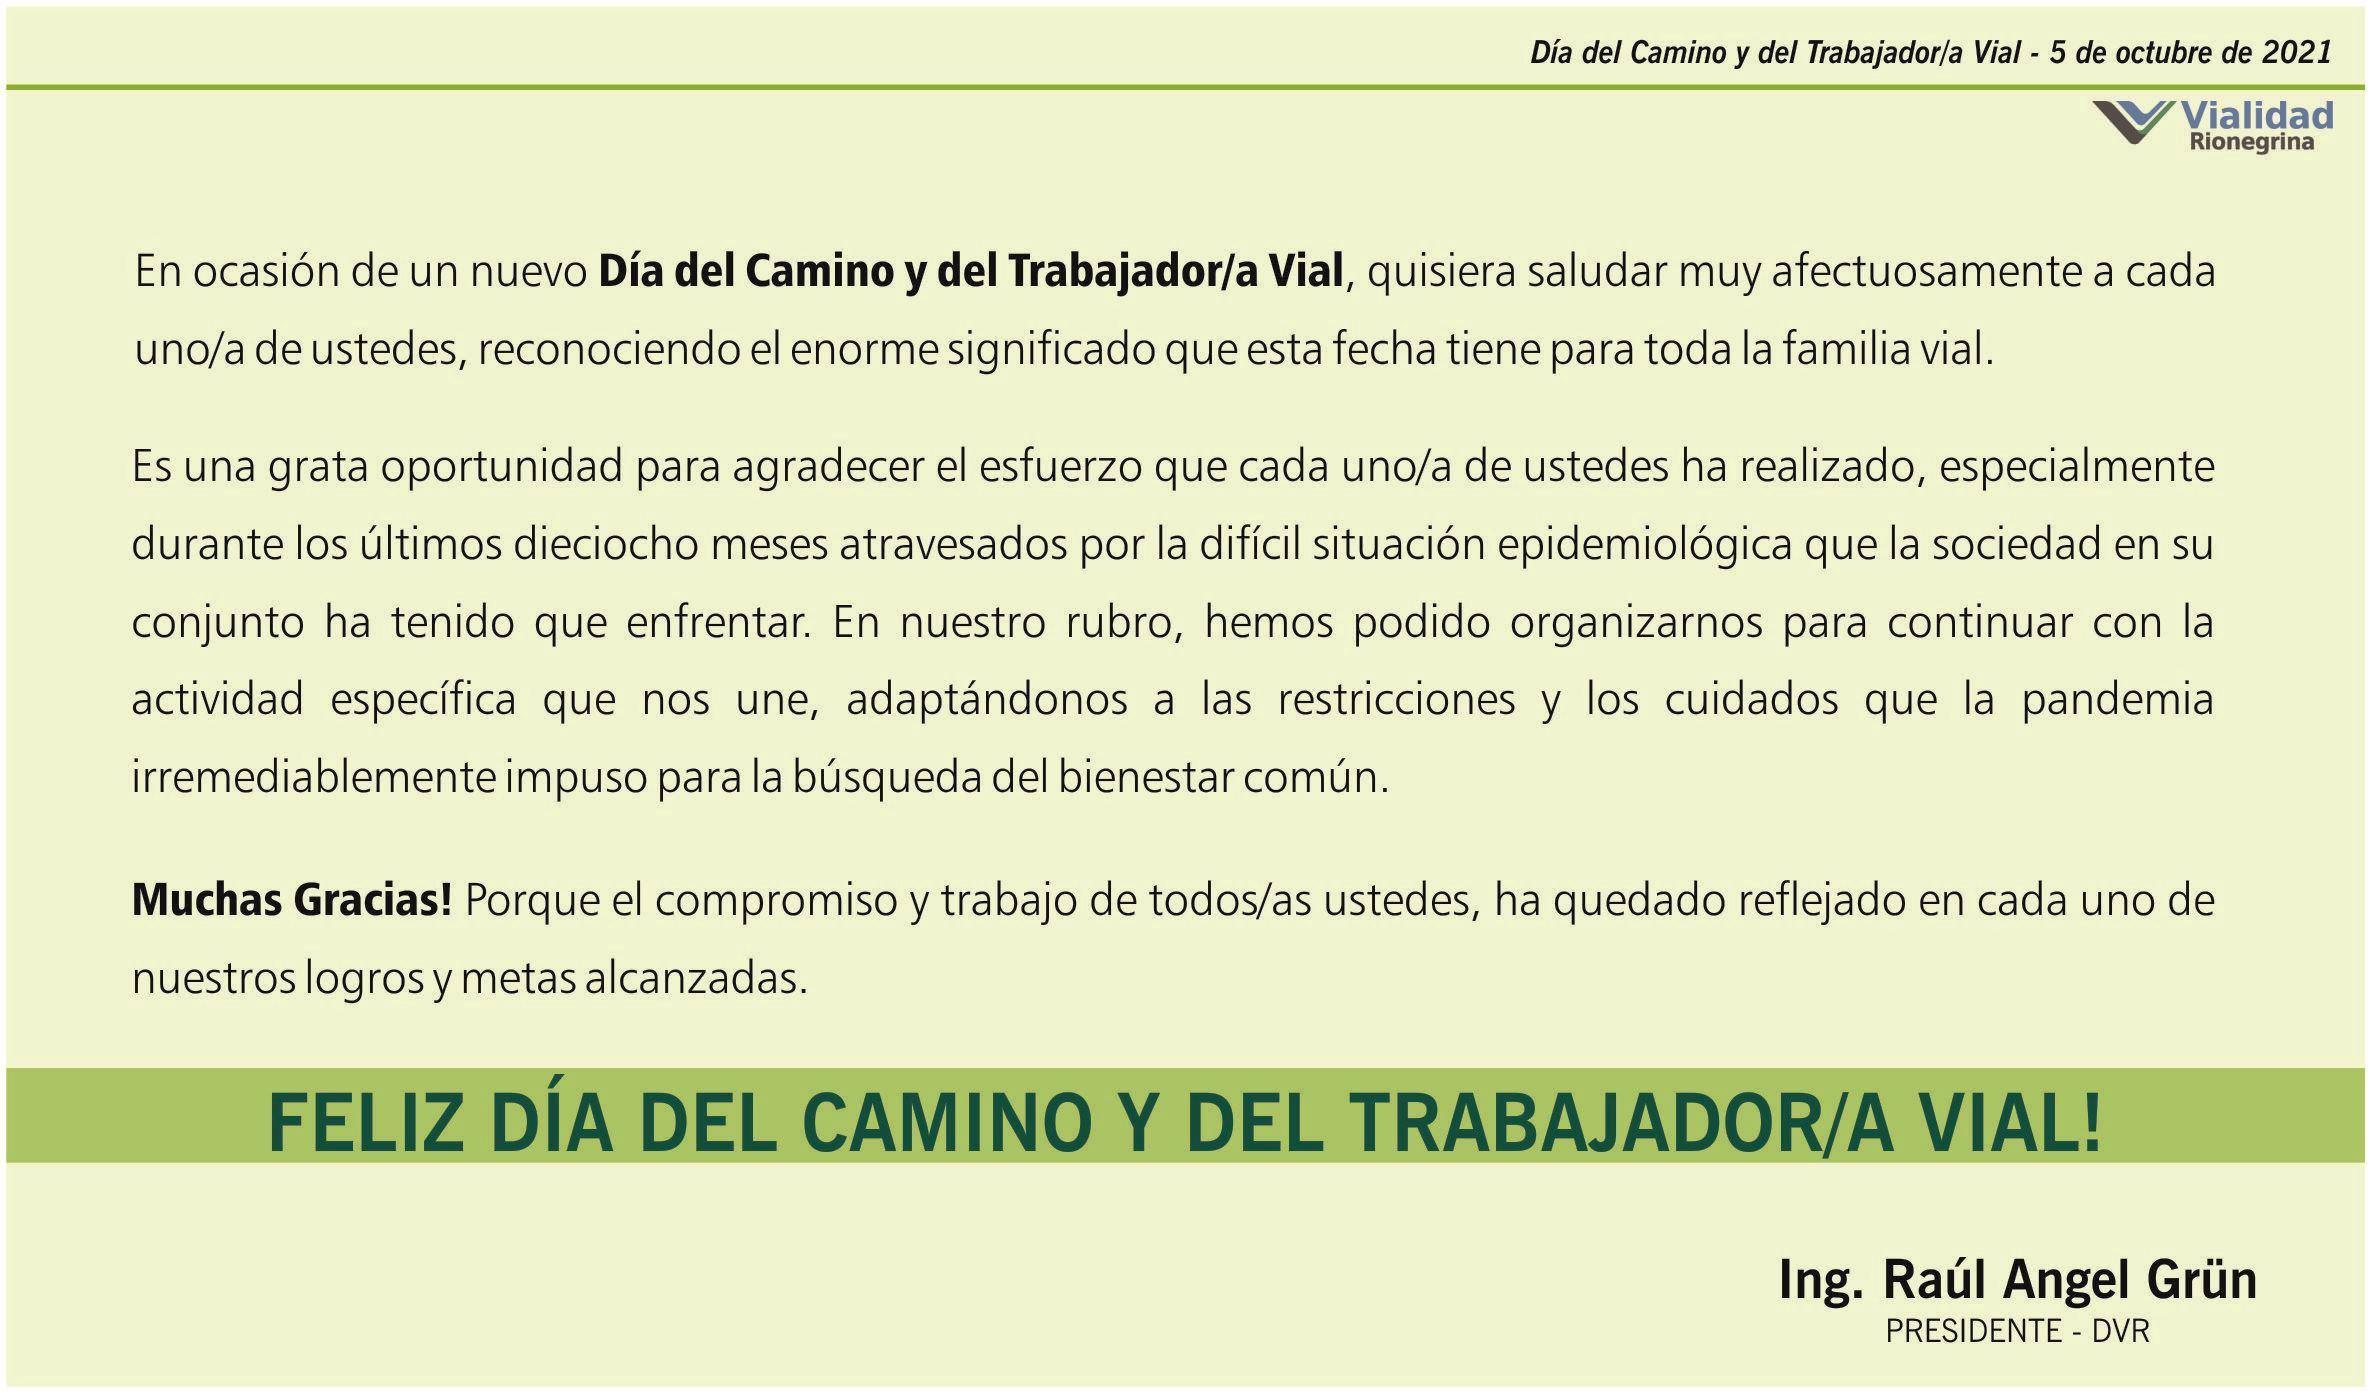 Tarjeta institucional 5 DE OCTUBRE